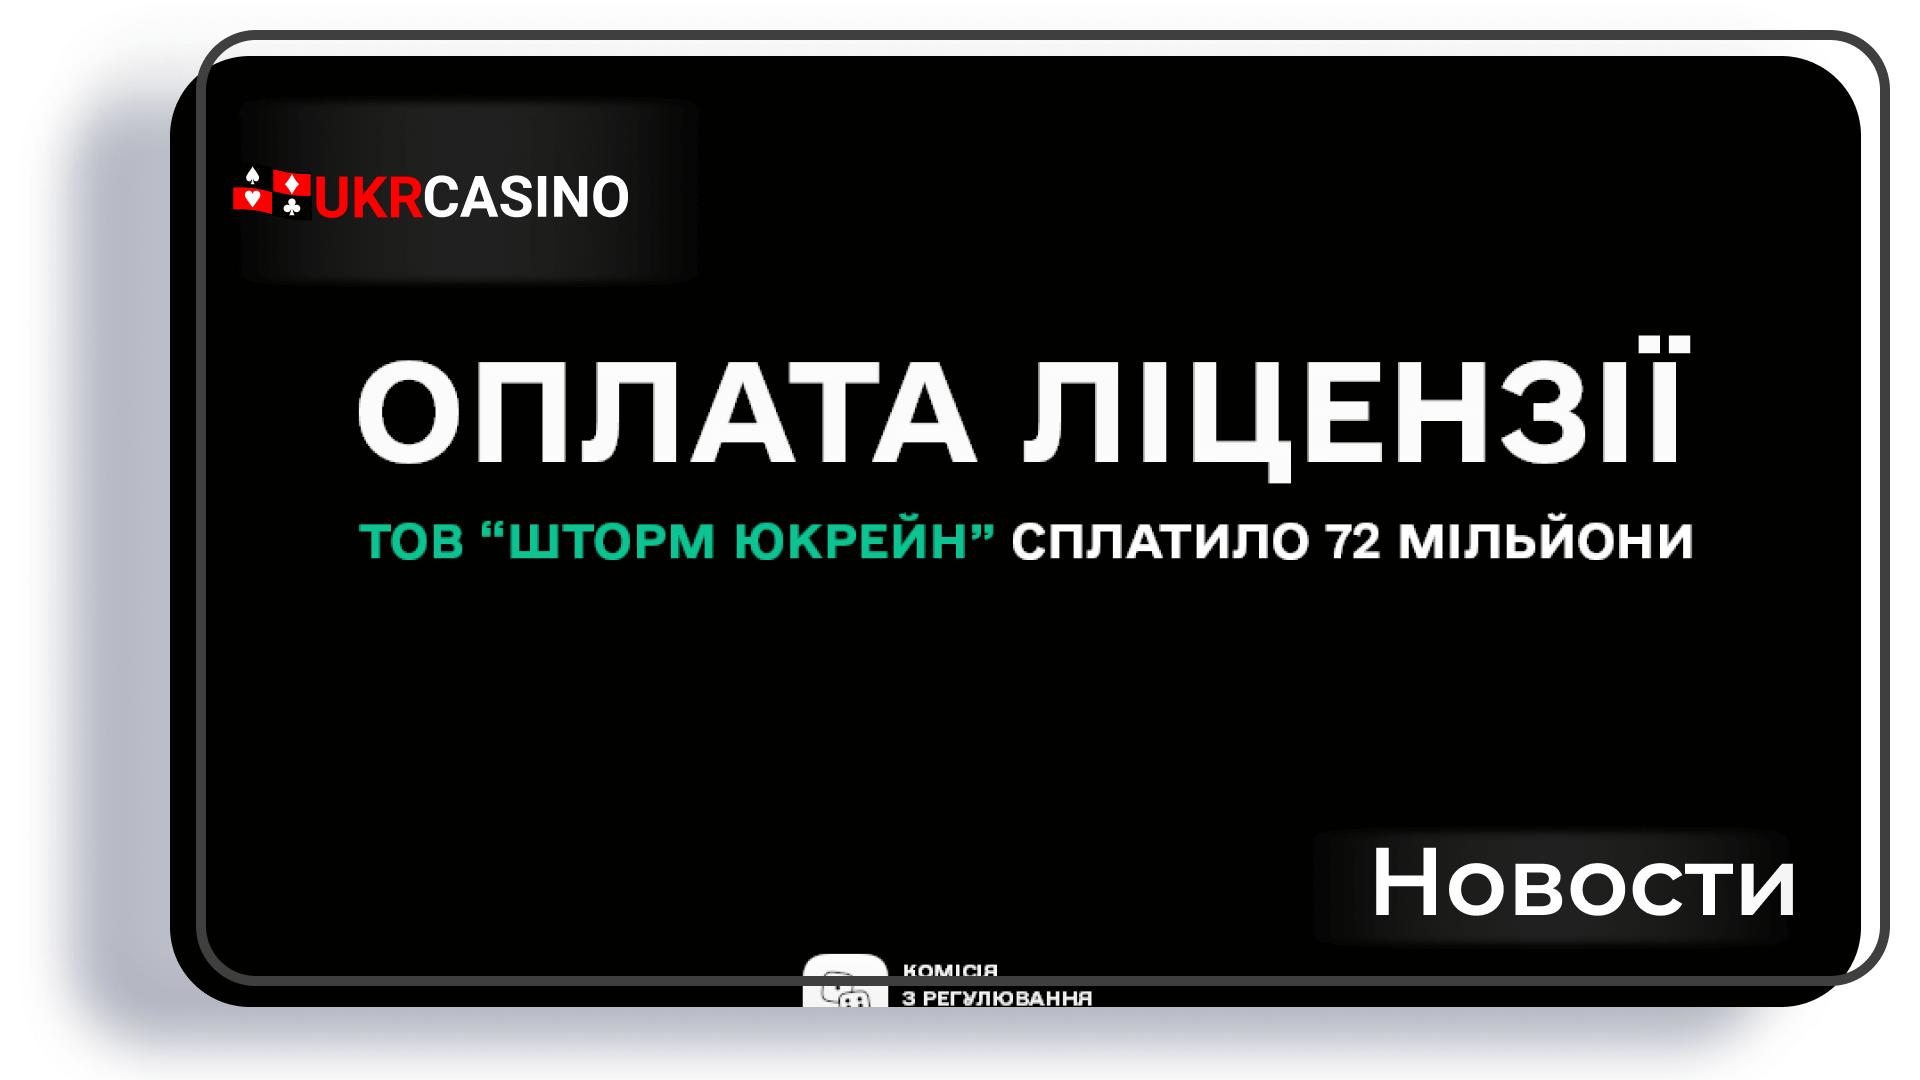 Ещё одно казино выплатило 72 миллиона гривен за лицензию